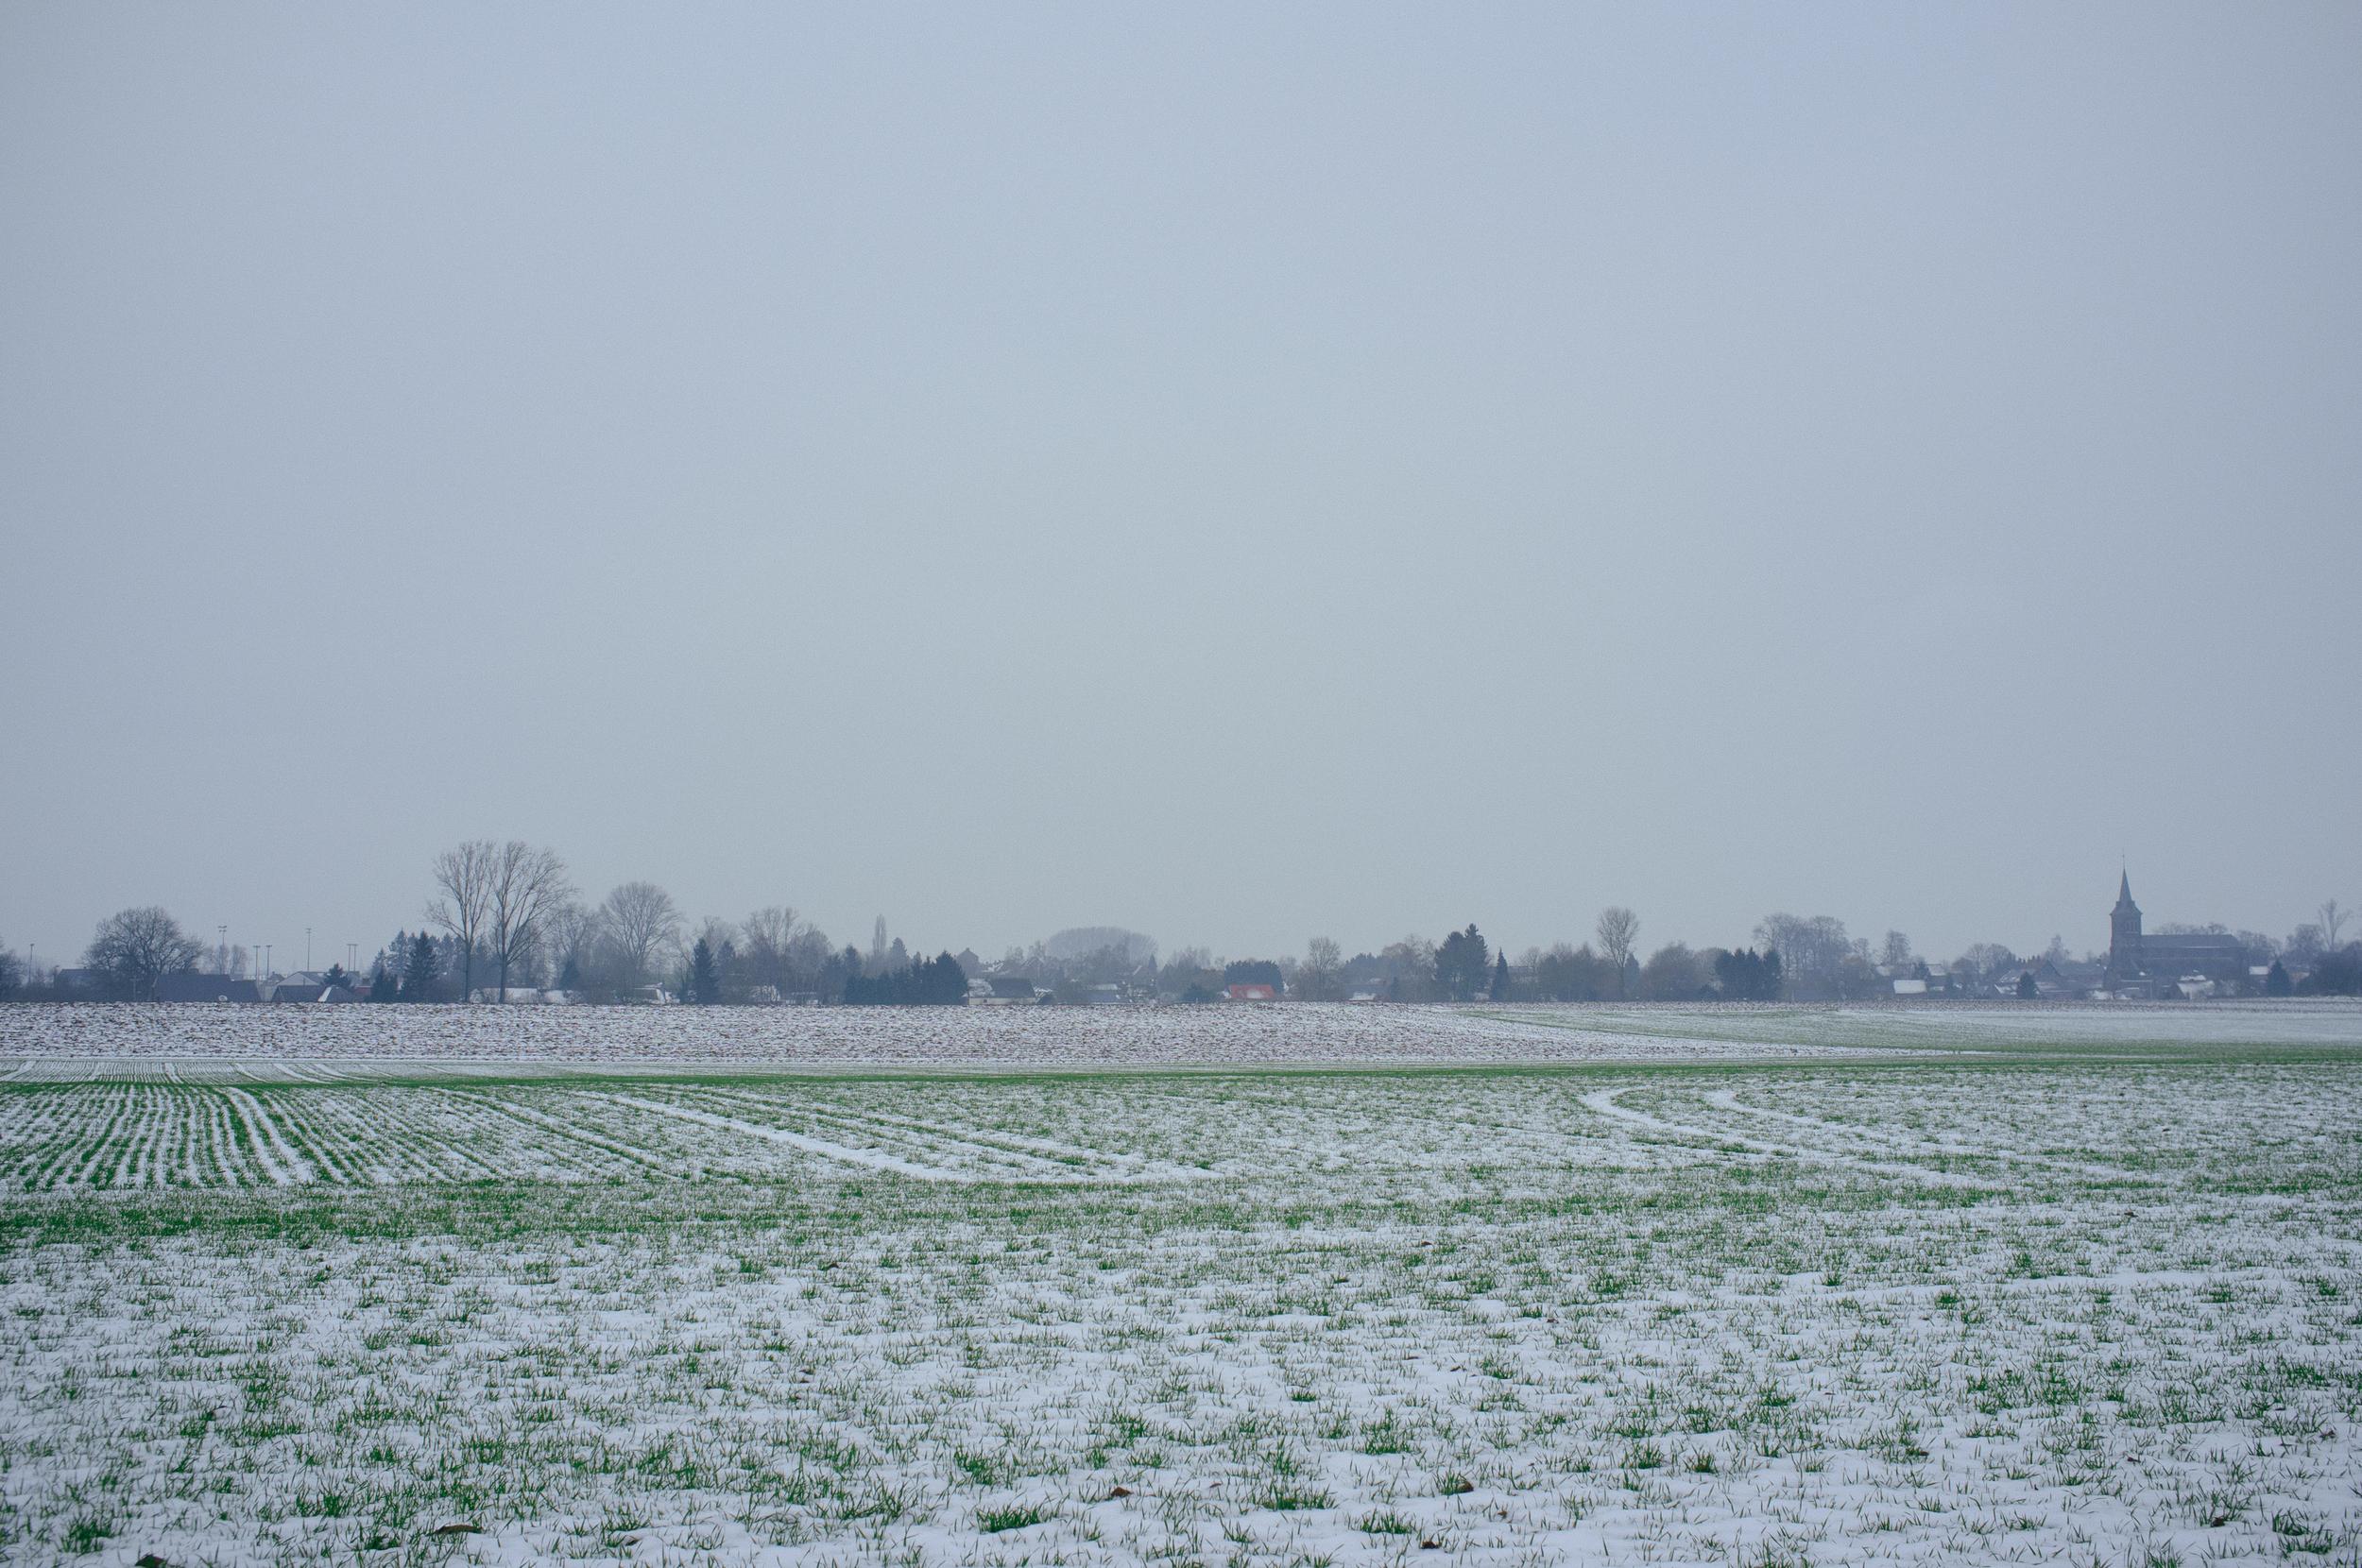 A calm snowy January in Liernu in Éghezée